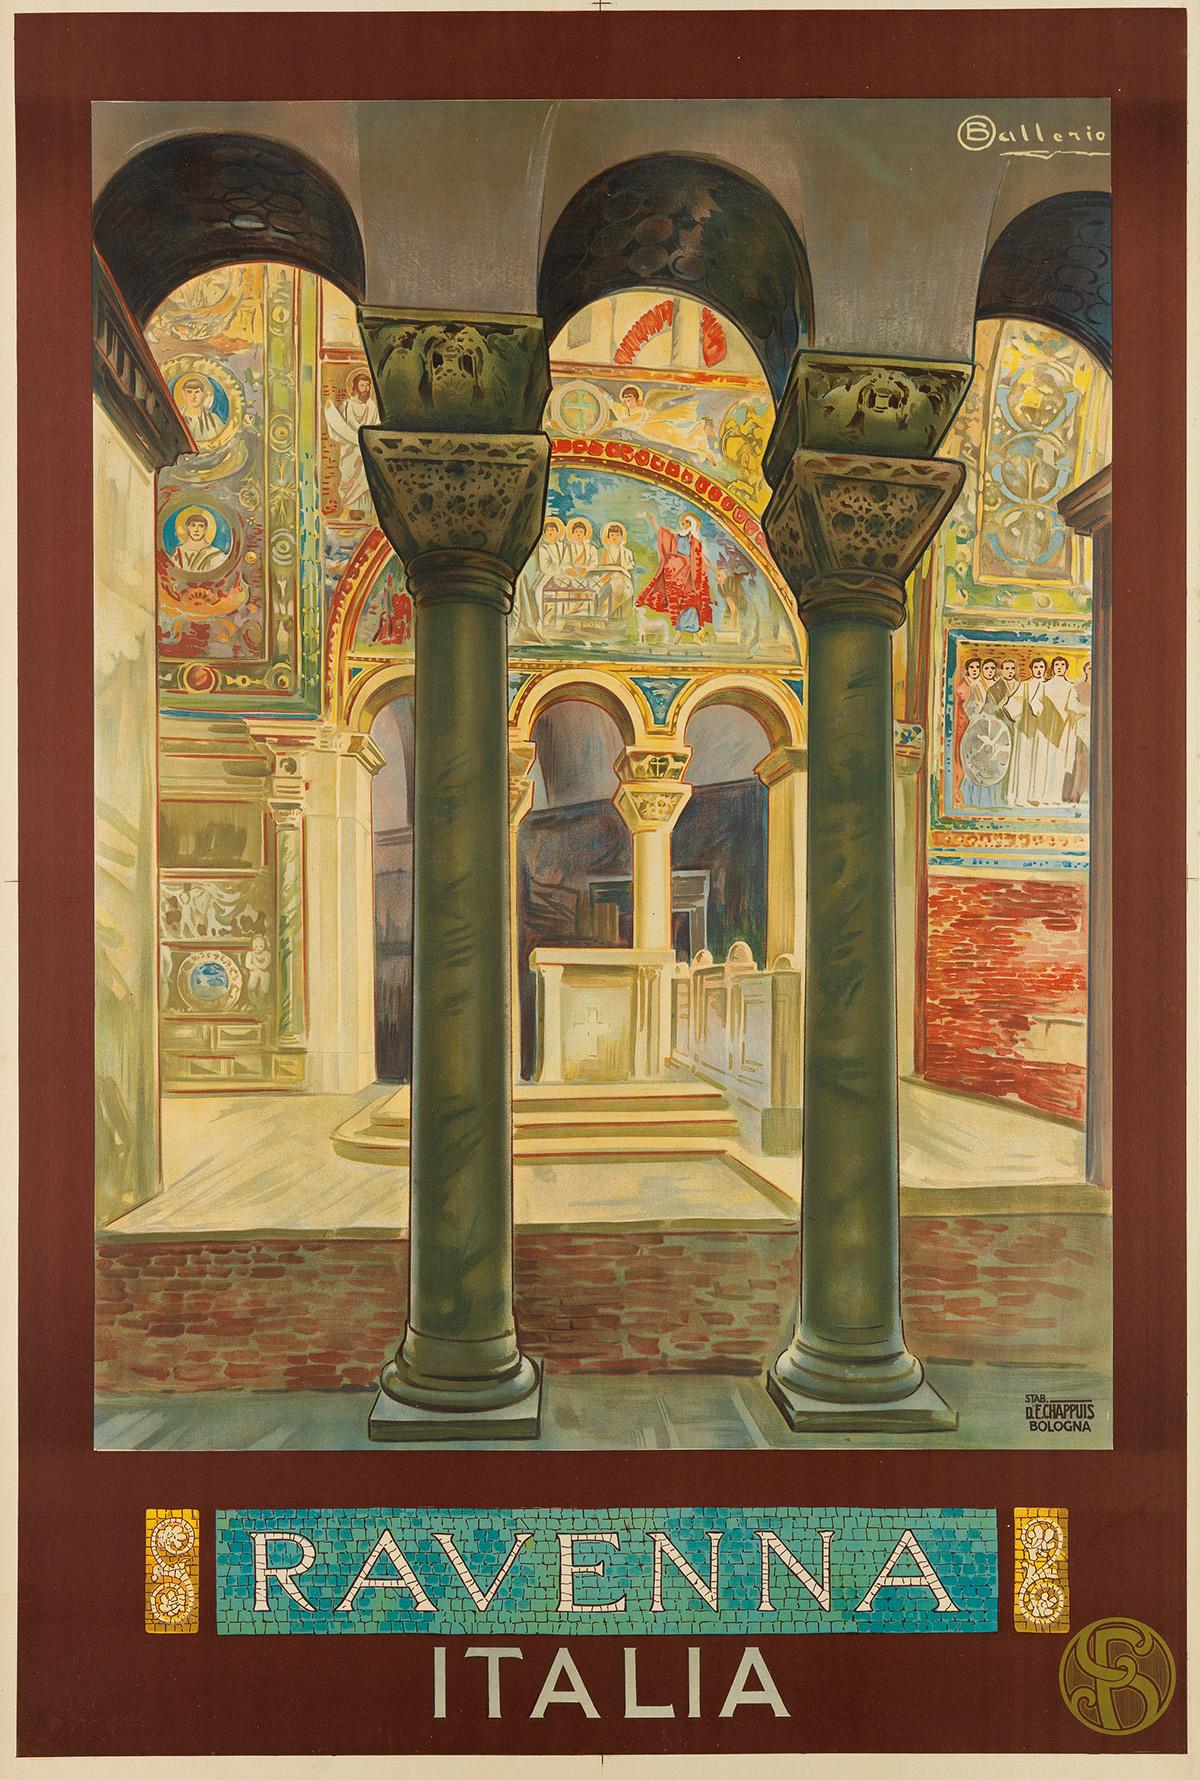 OSVALDO-BALLERIO-(1870-1942)-RAVENNA--ITALIA-Circa-1914-44x29-inches-111x75-cm-E-Chappuis-Bologna